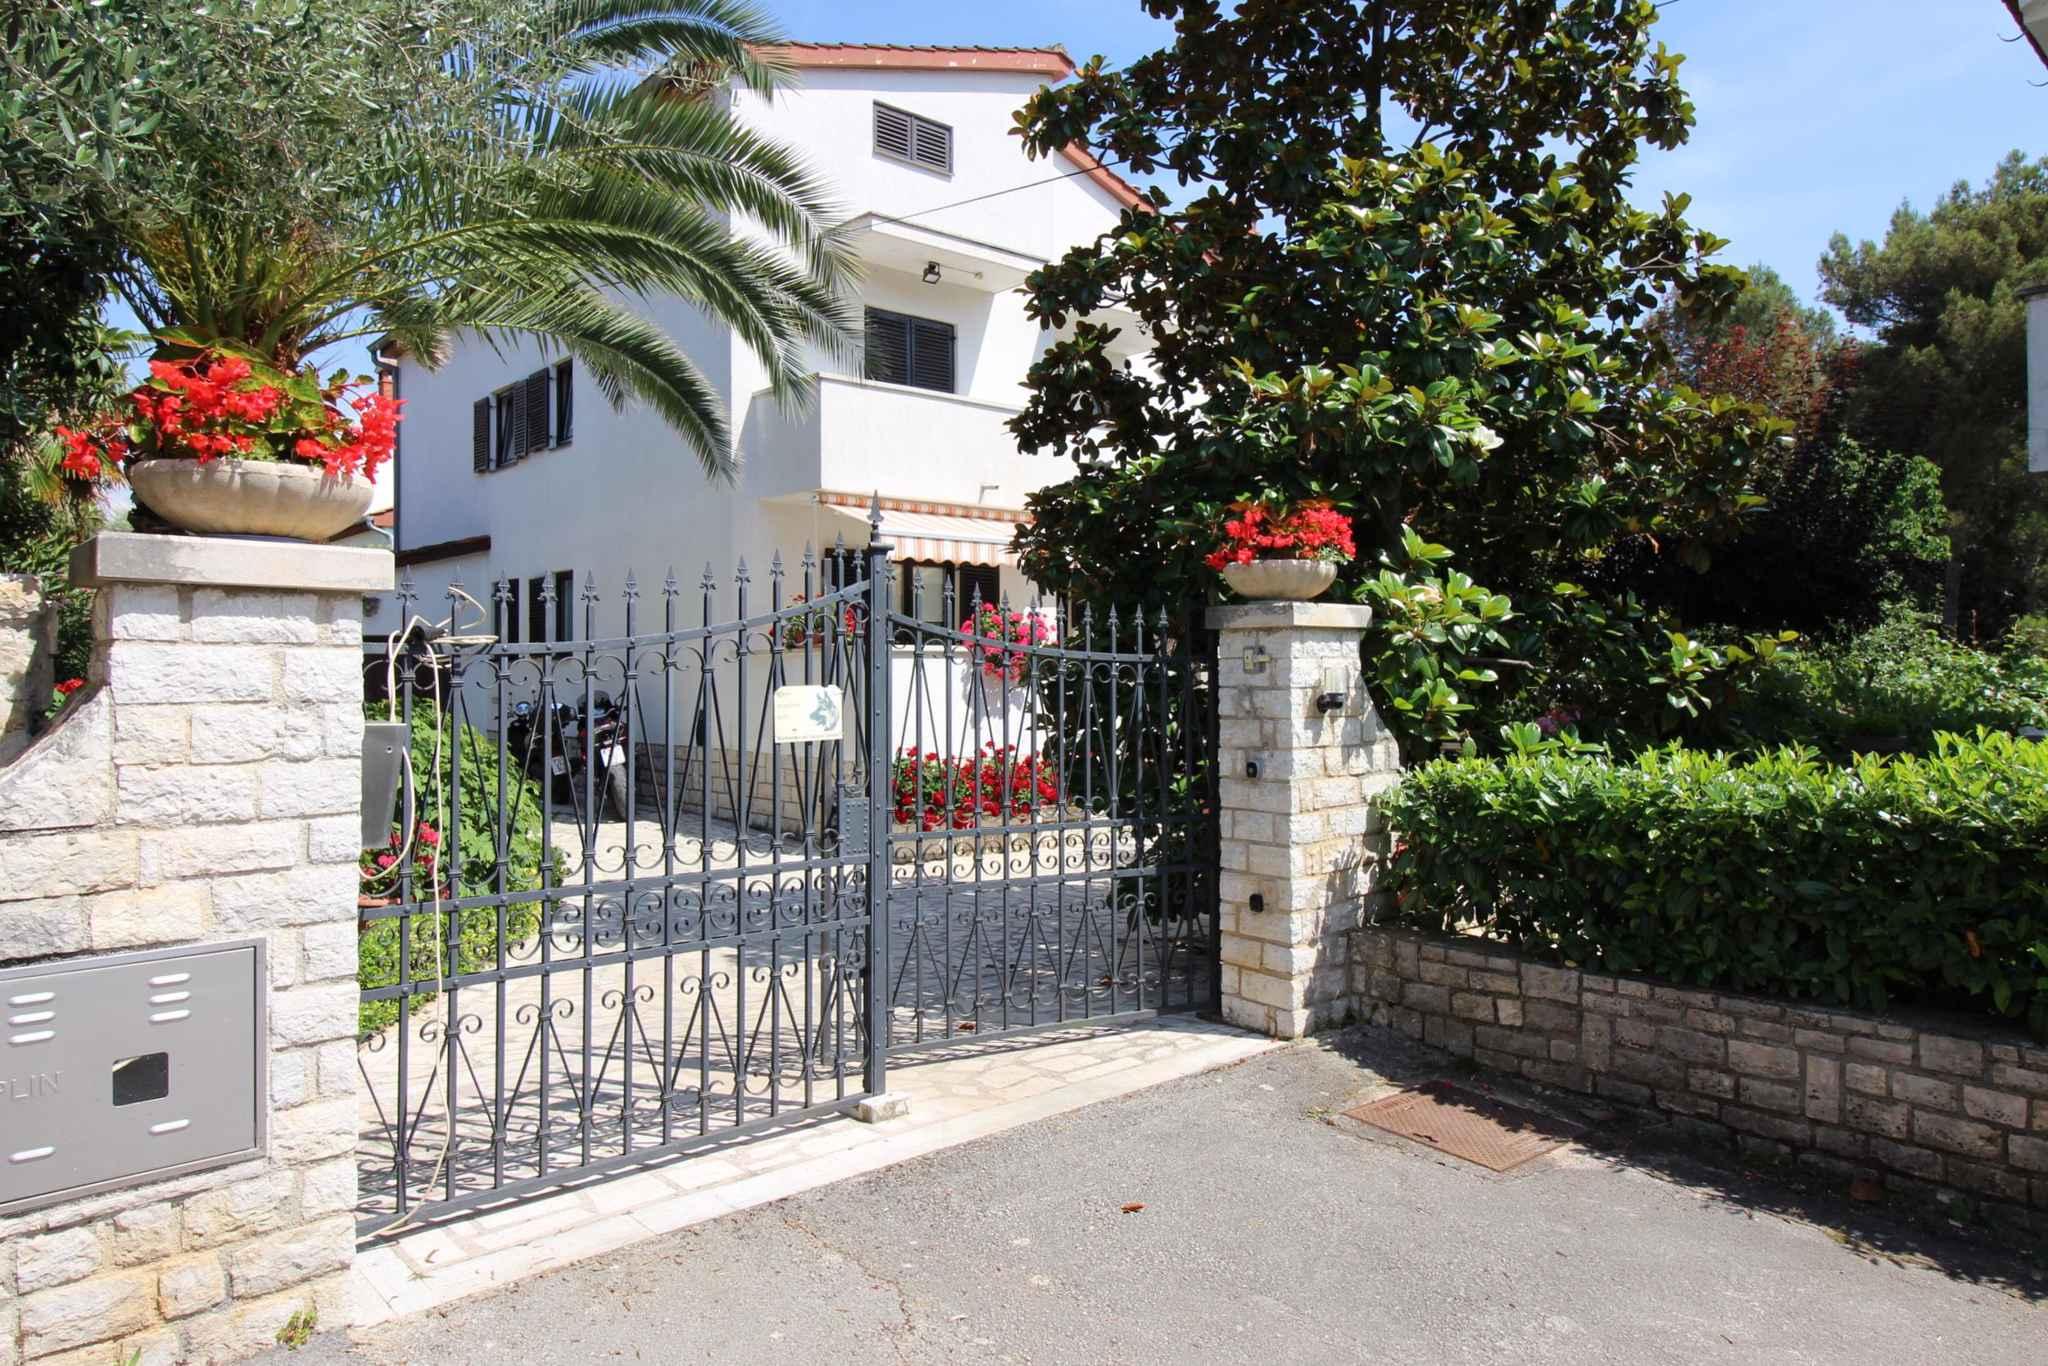 Ferienwohnung mit schönem Garten und Grill (280320), Porec, , Istrien, Kroatien, Bild 2